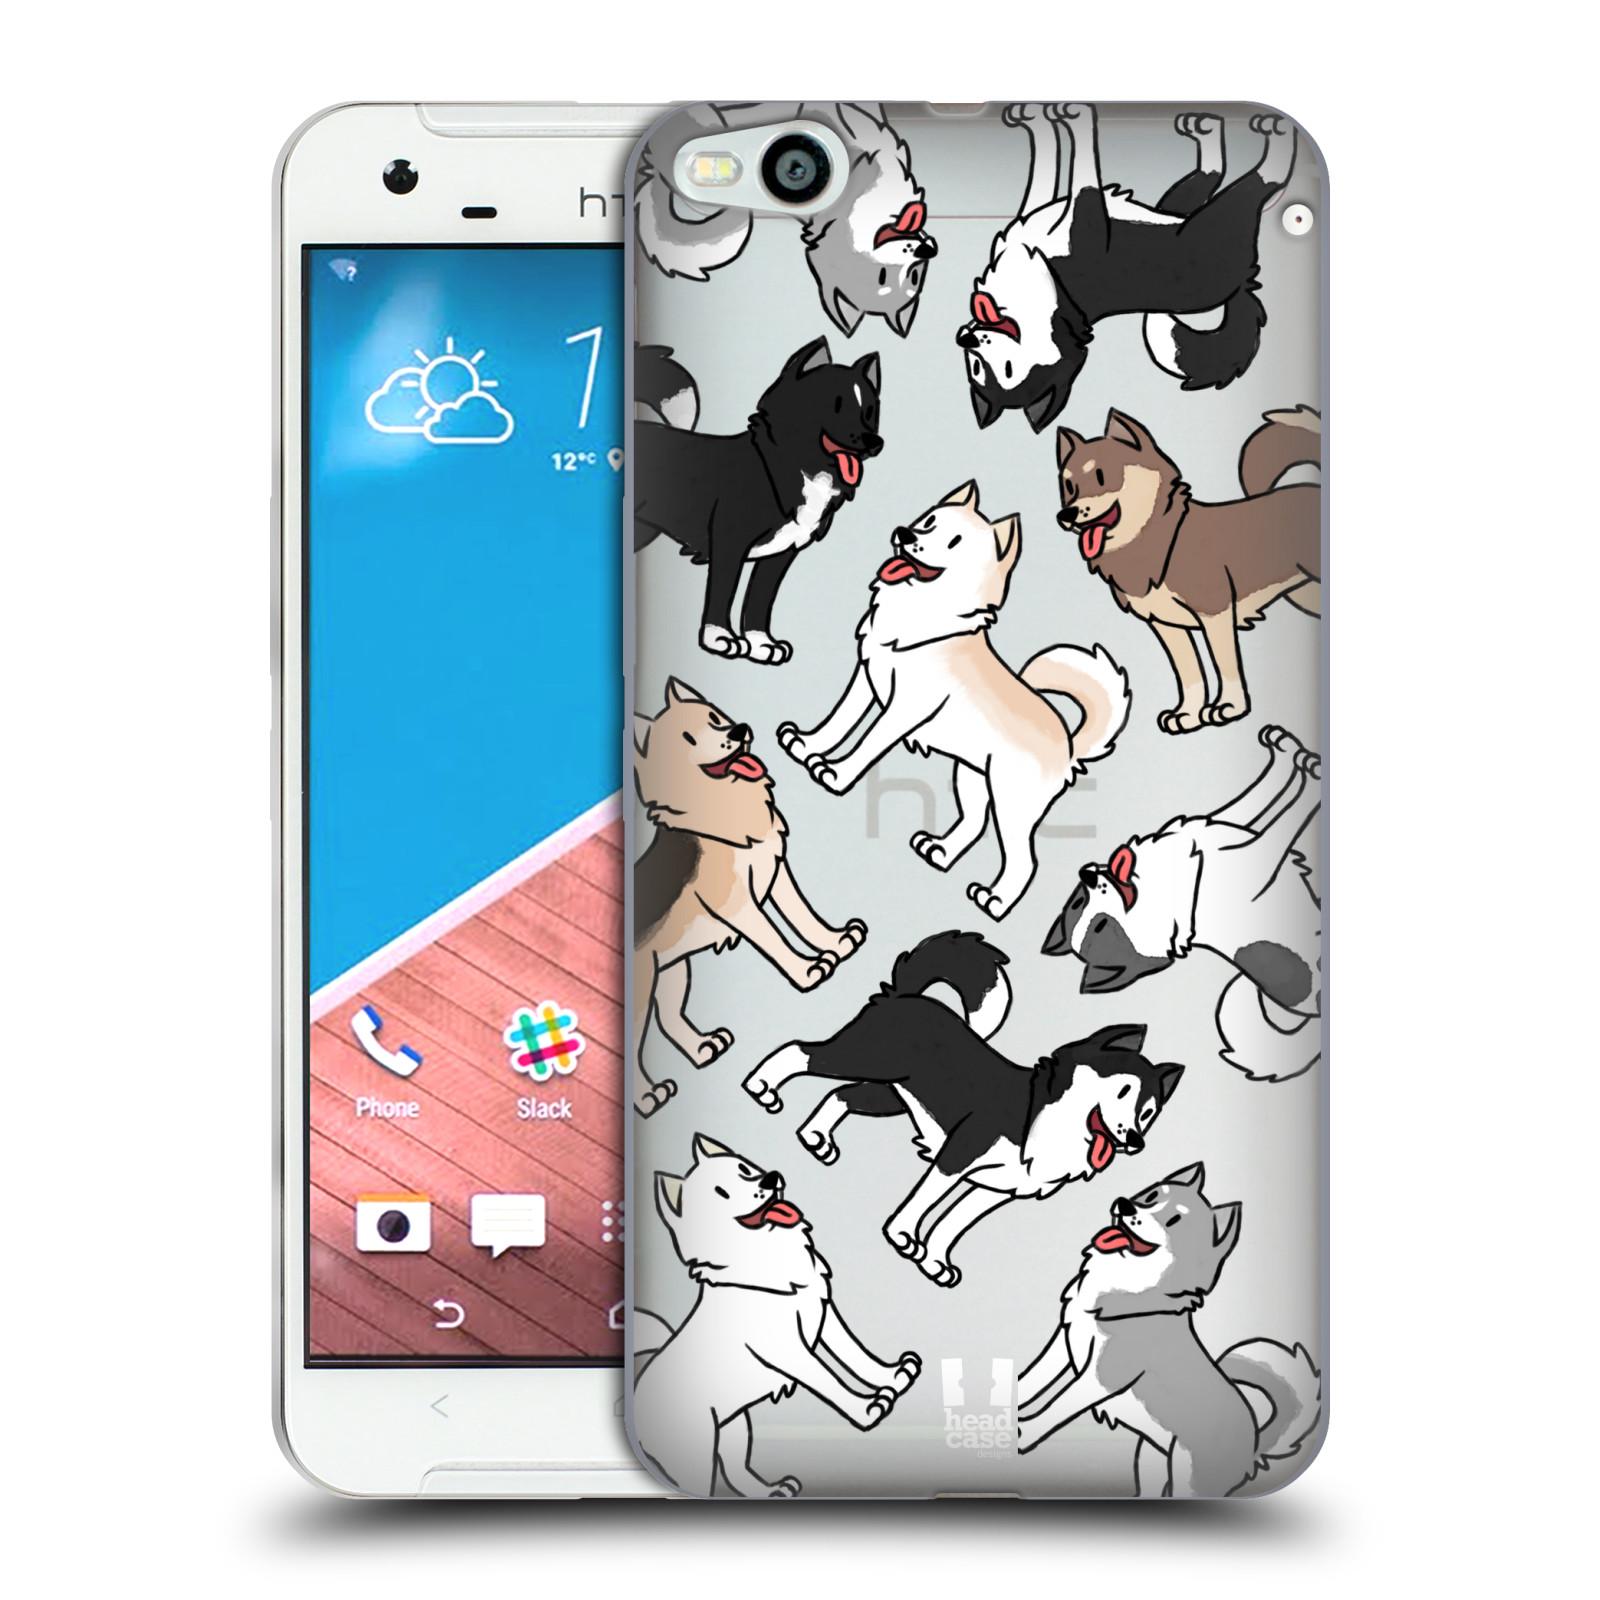 HEAD CASE silikonový obal na mobil HTC One X9 pejsek Sibiřský husky